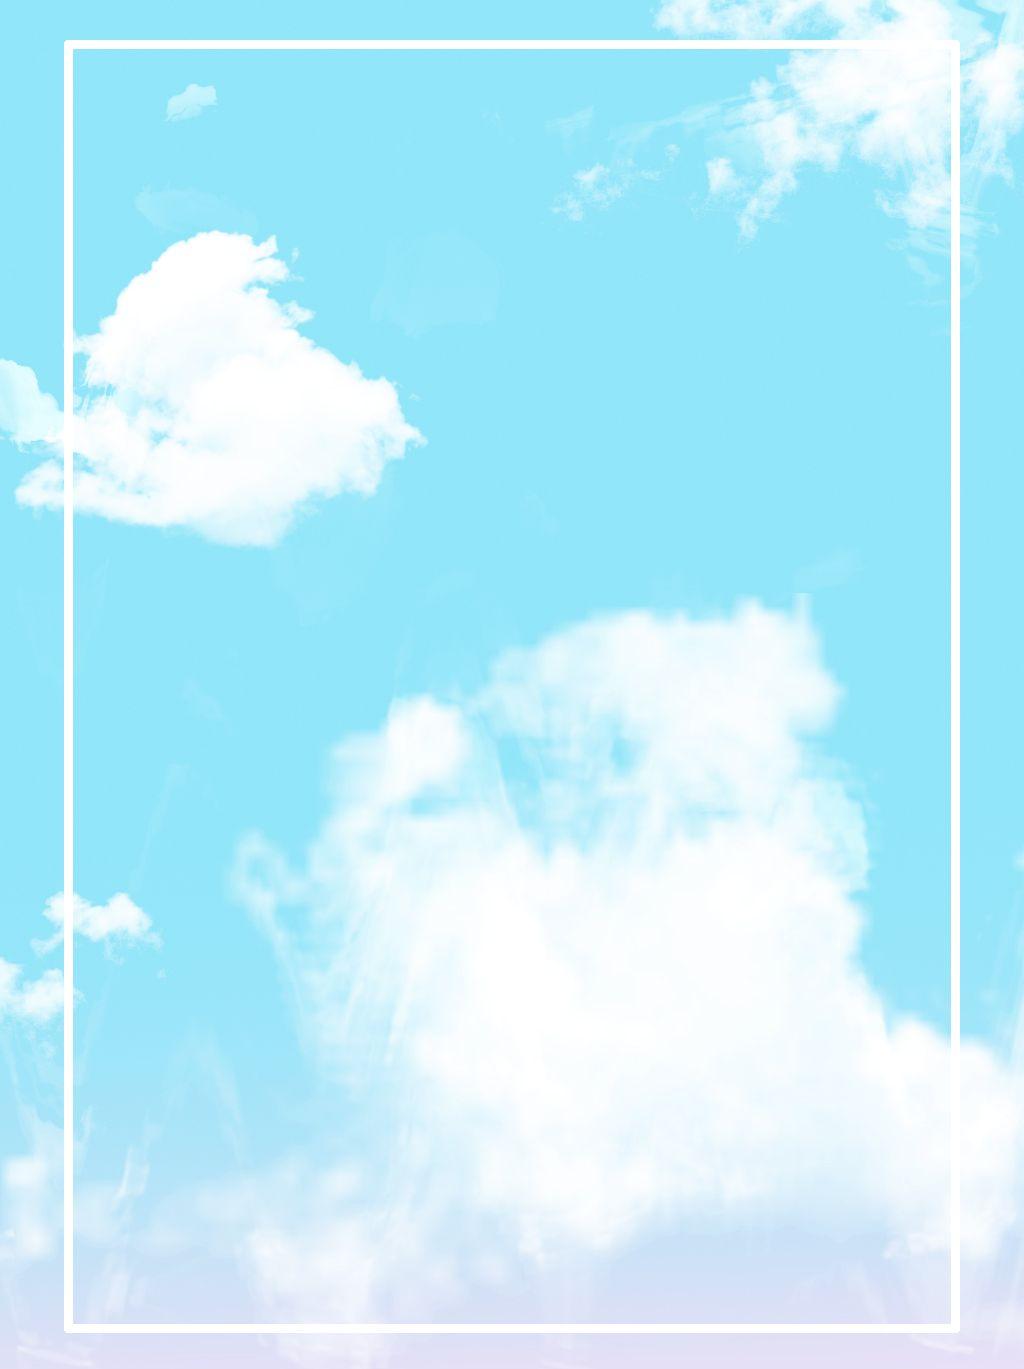 ท องฟ าส ขาวเมฆส ขาวพ นหล งสด Blue Sky Background Sky And Clouds Background Images